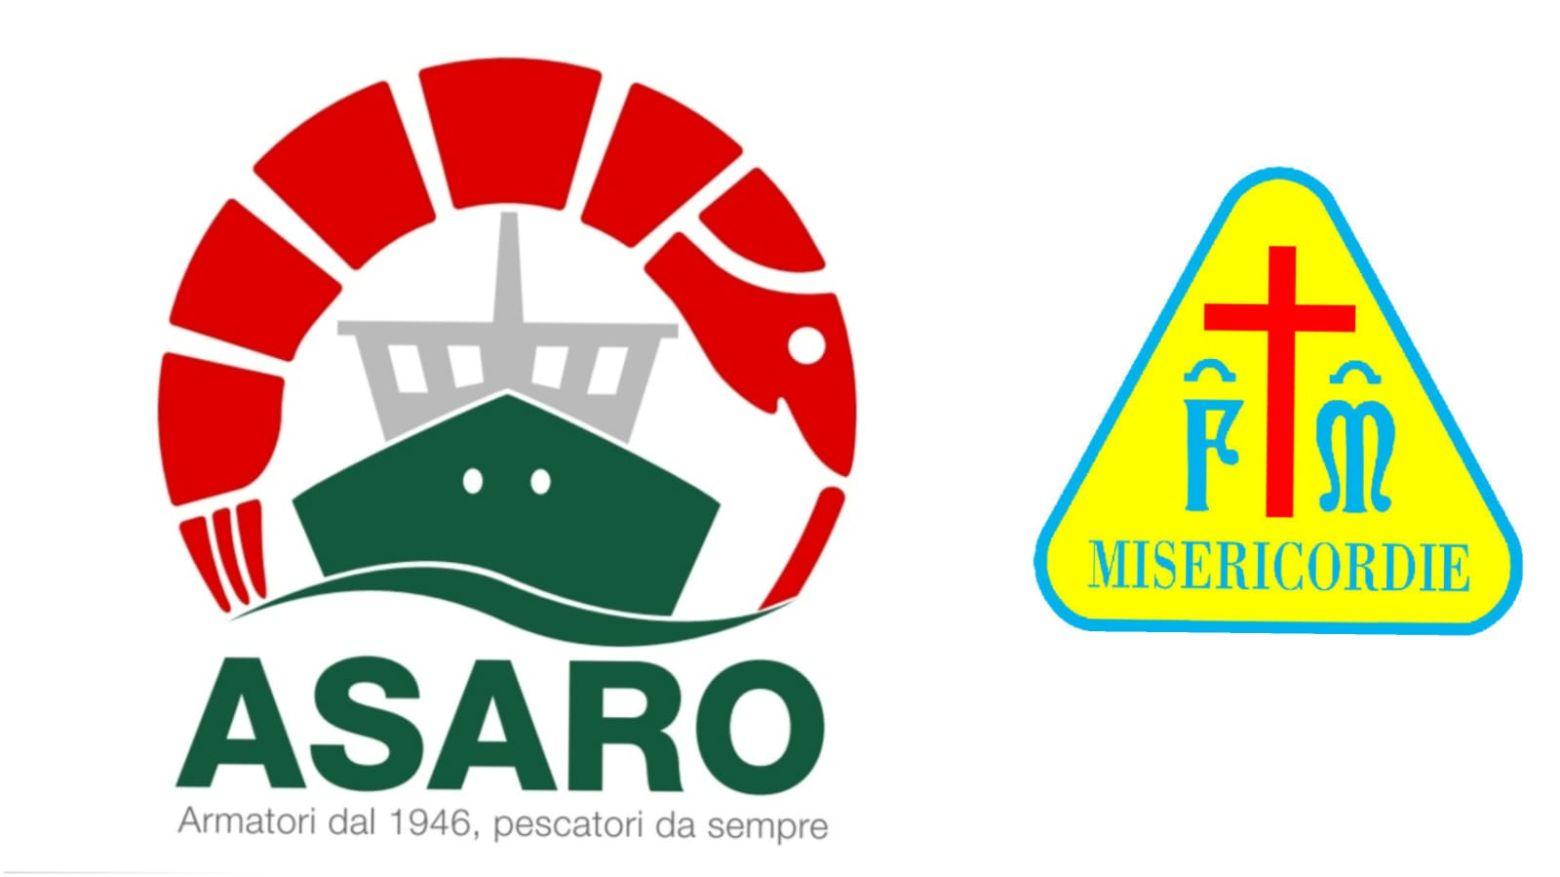 """La Misericordia di Mazara """"San Vito"""" riceve in dono 3 mila mascherine dalla Asaro Matteo Cosimo Vincenzo"""